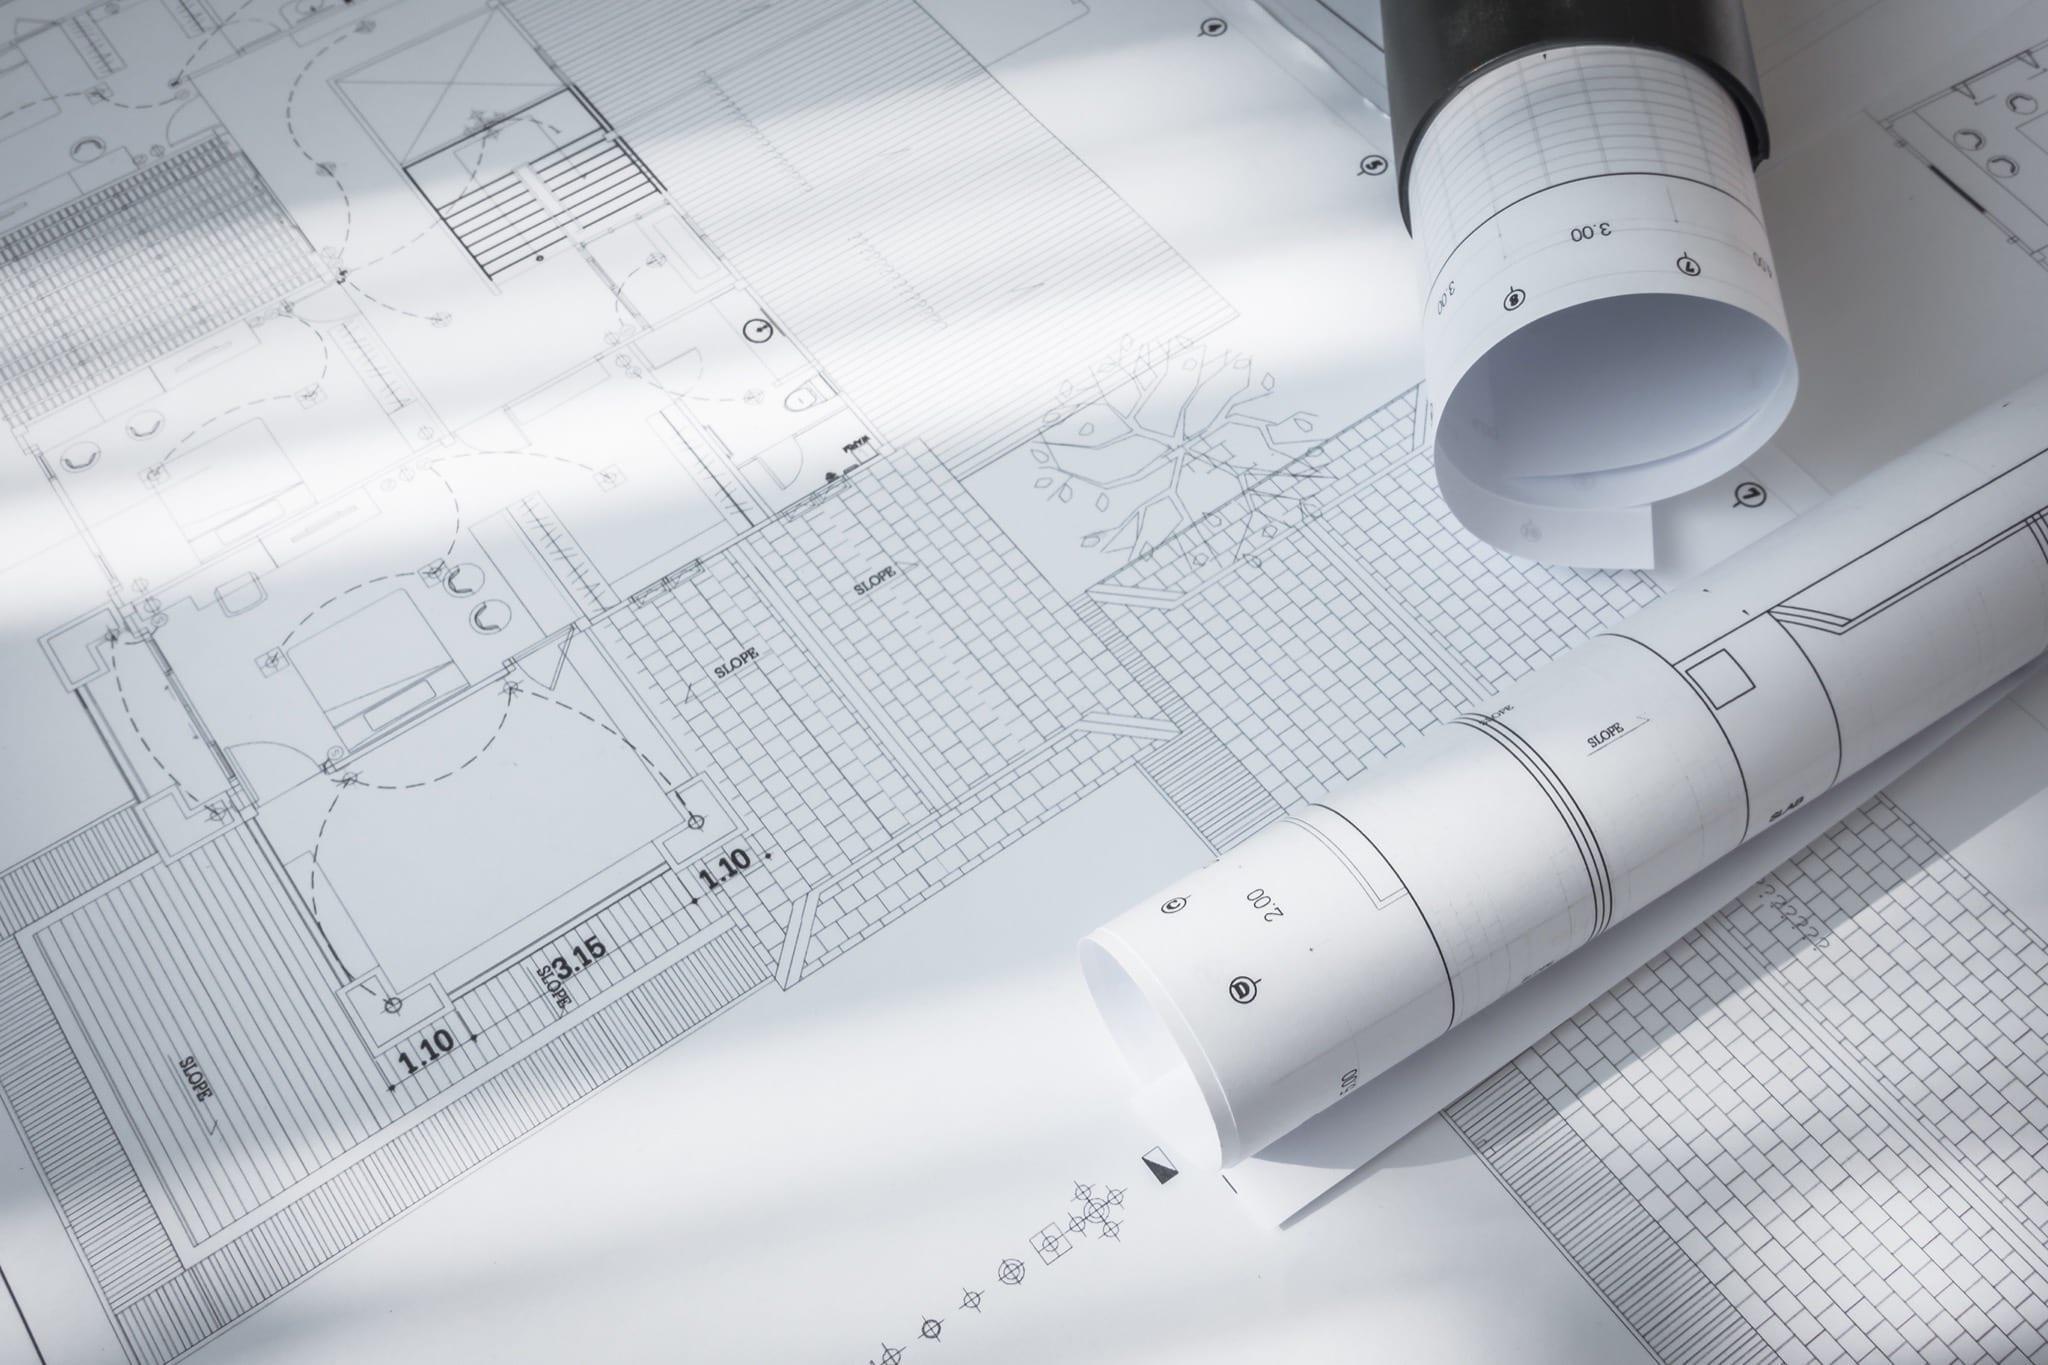 construction plans of architectural project copy - Piața investițiilor imobiliare continuă dezvoltarea sub influența crizei sanitare în 2021